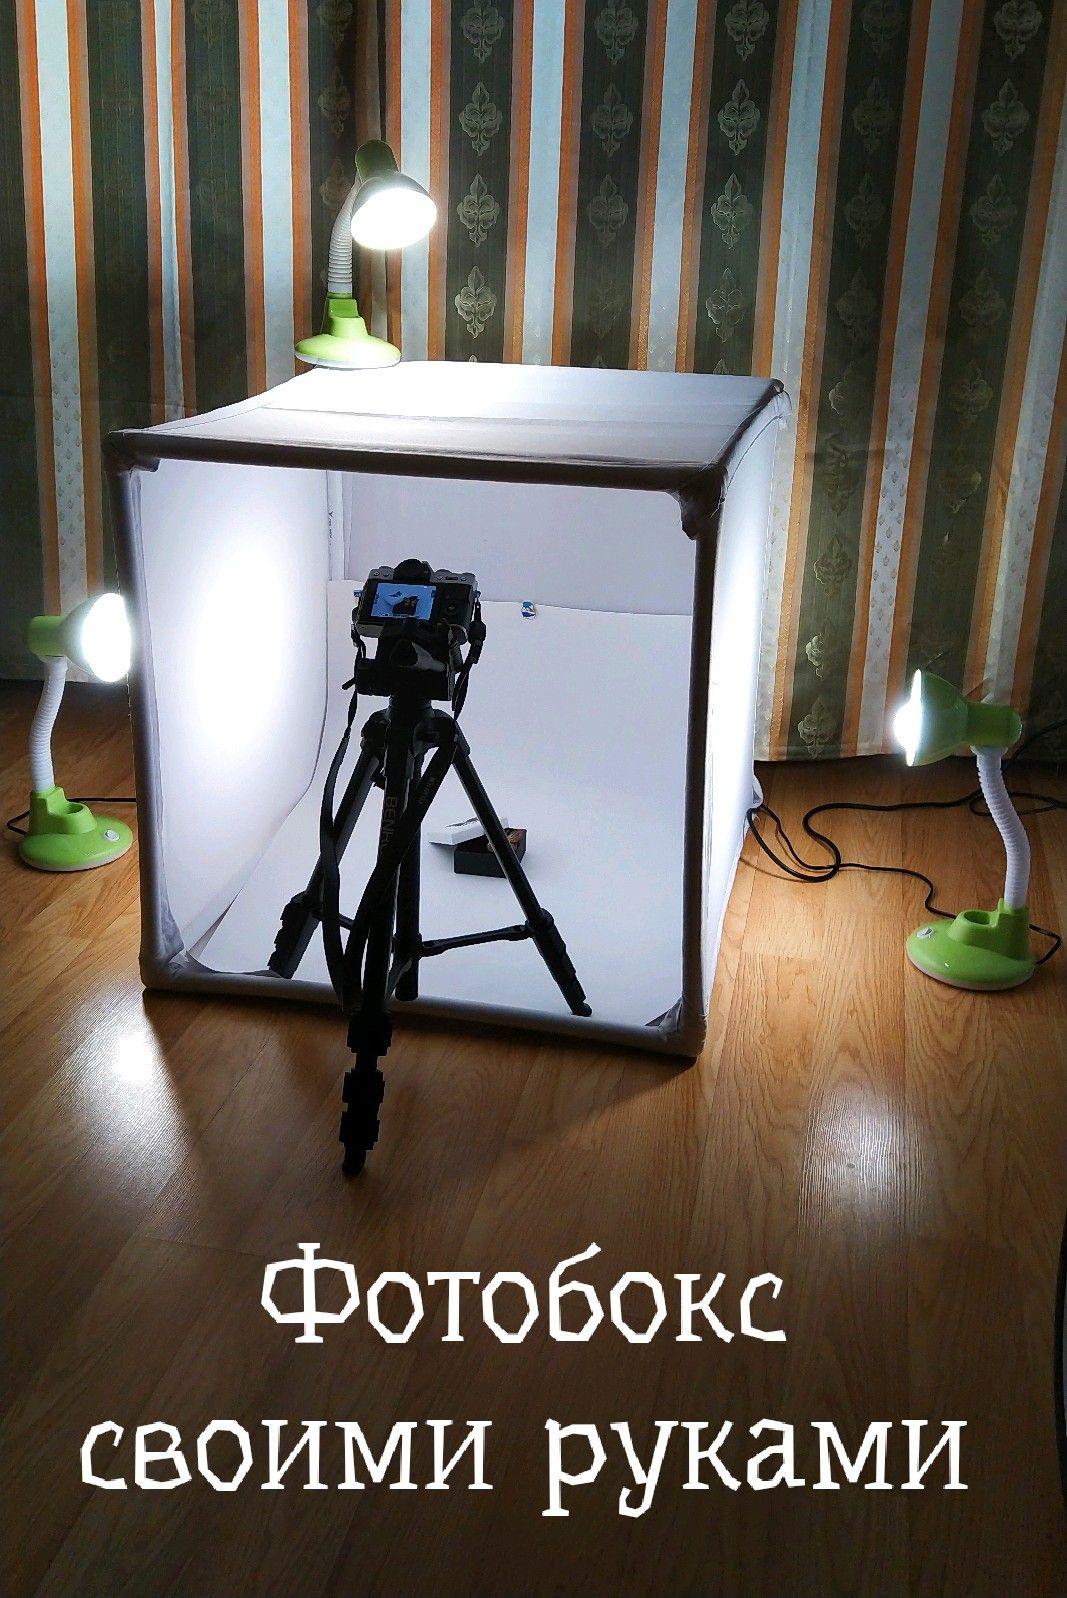 как сделать фотокабину самому отделочных материалов постоянно